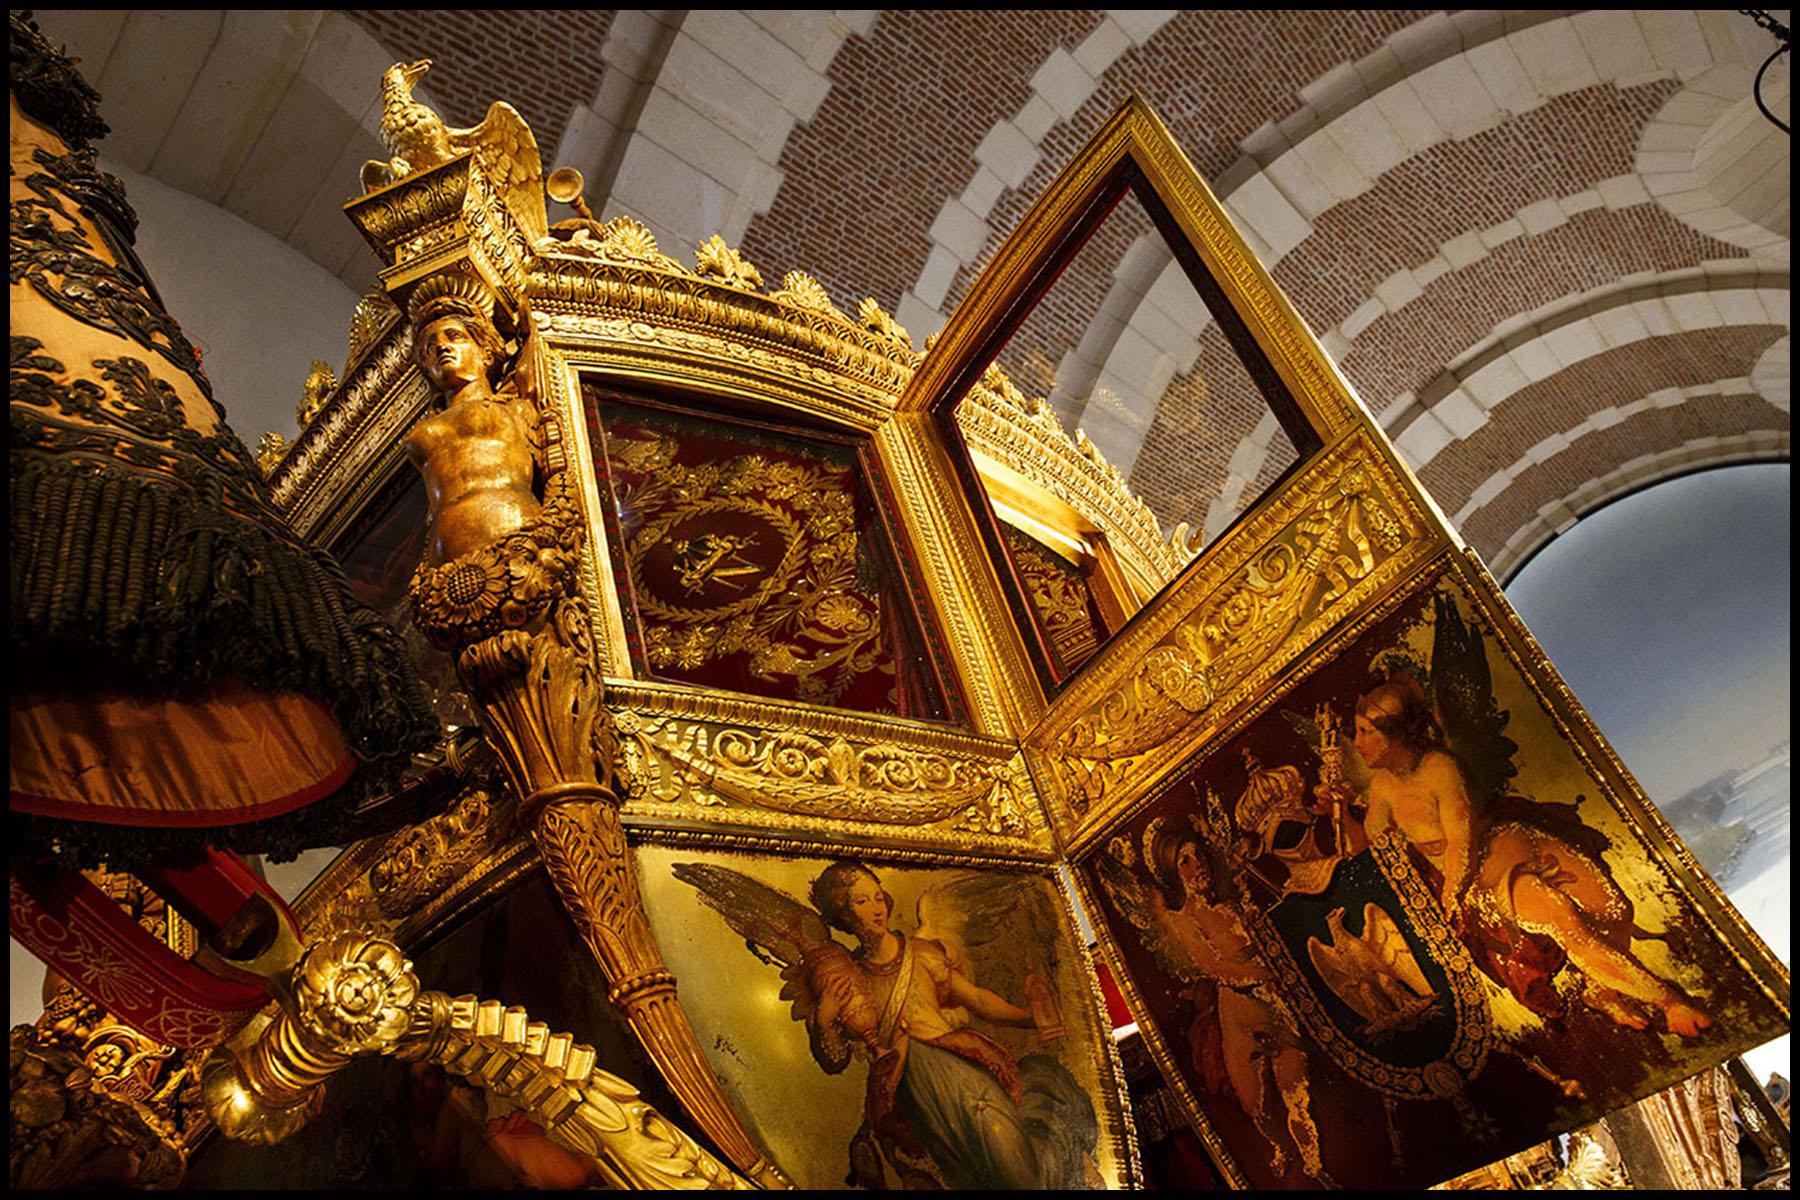 Réouverture de la galerie des carrosses à la Grande Ecurie du roi au château de Versailles